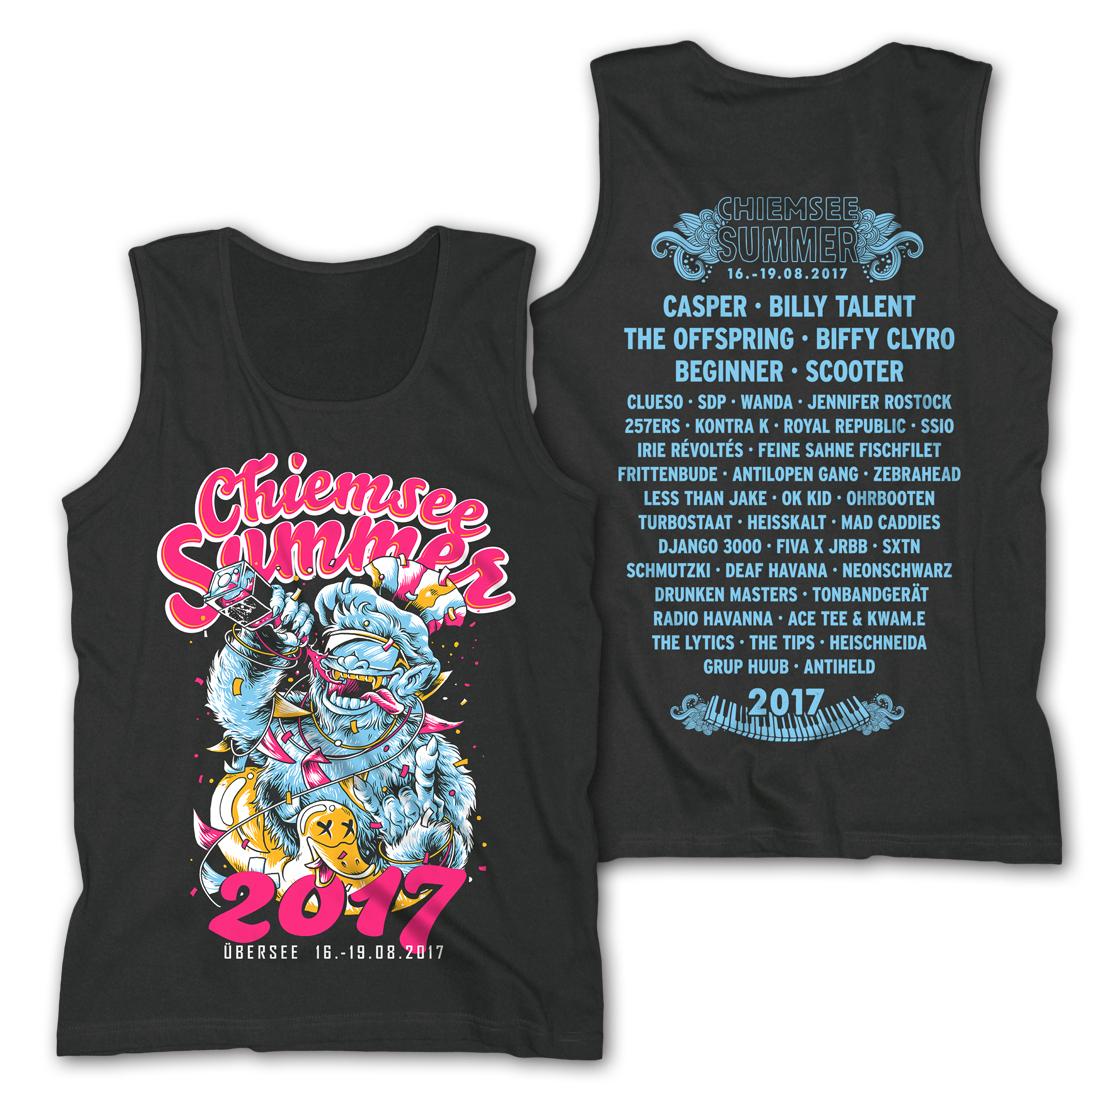 Party Hard von Chiemsee Summer - Men's Tank Top jetzt im My Festival Shop Shop